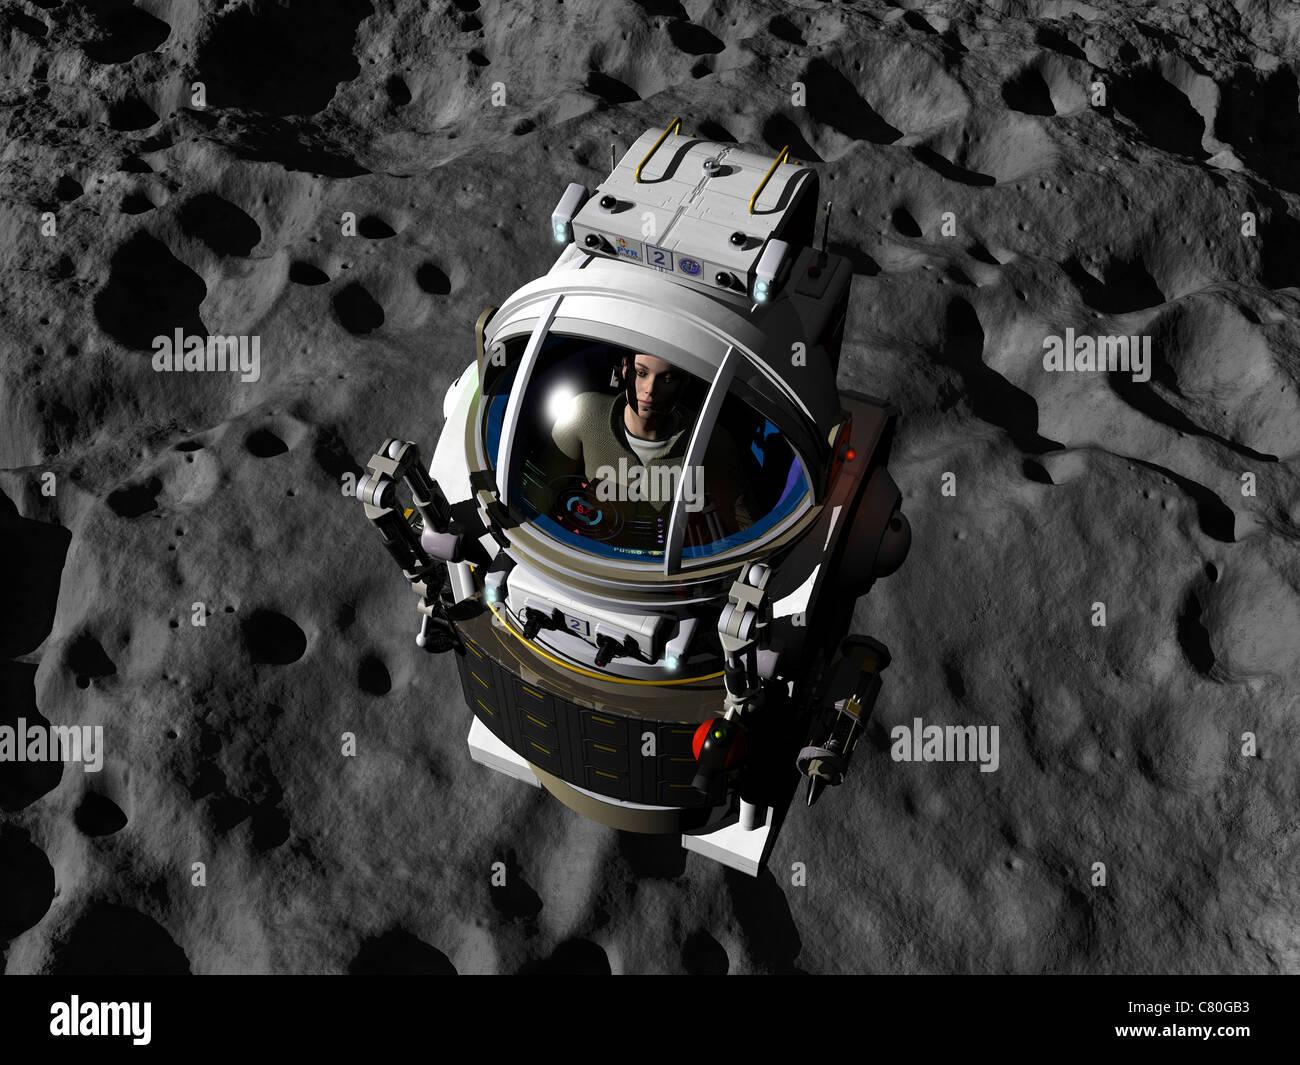 Ein Astronaut Pilotierung einer bemannten manövrieren Fahrzeug über der Oberfläche eines Asteroiden. Stockbild